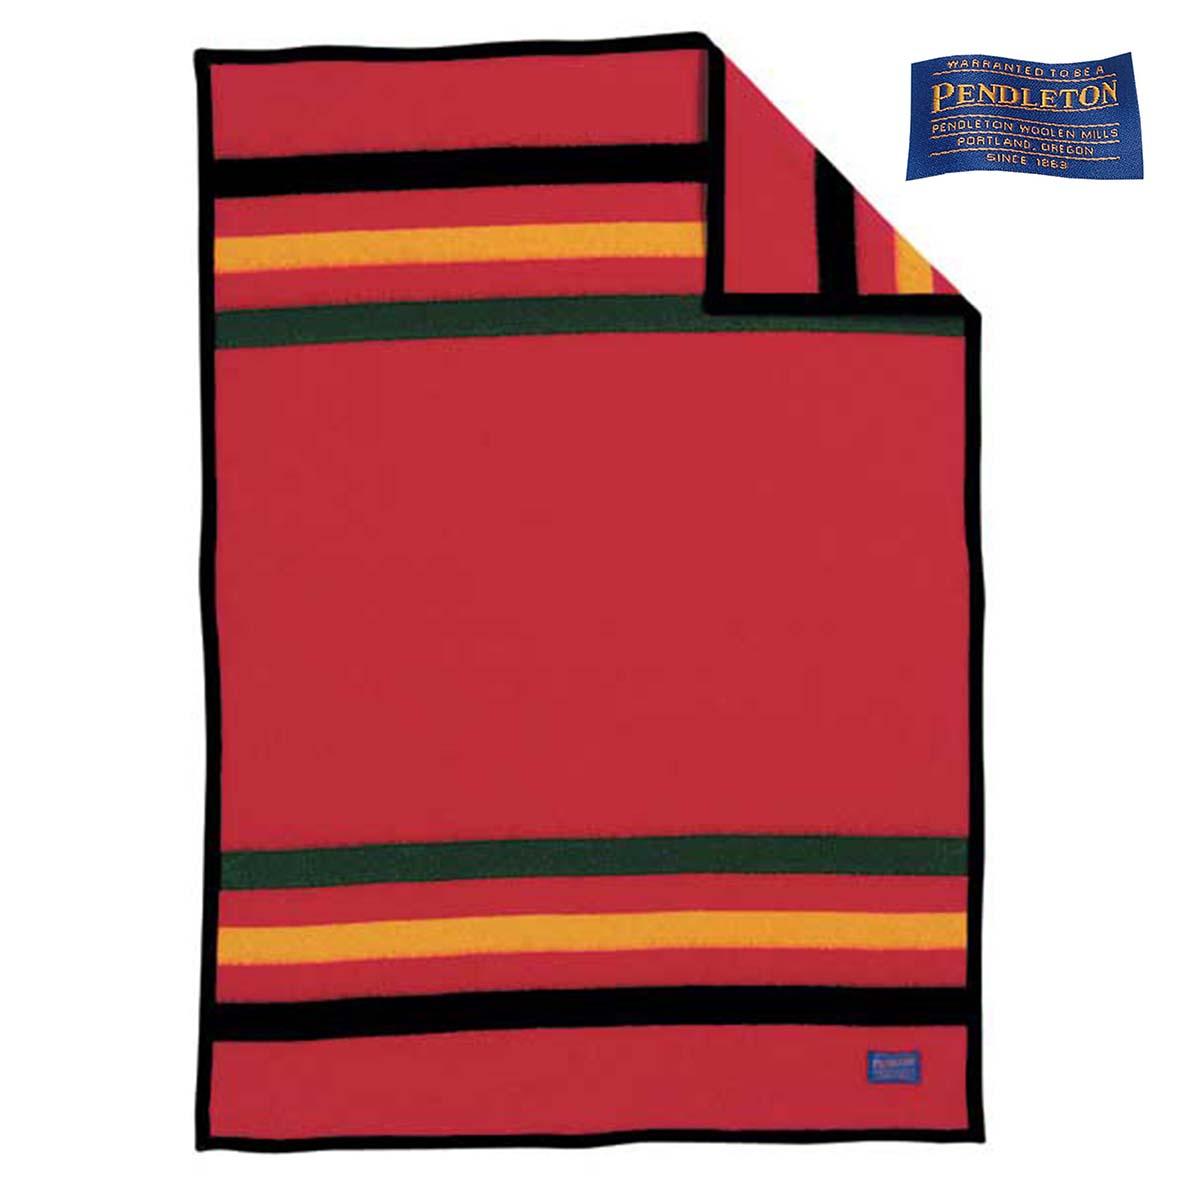 画像1: ペンドルトン ナショナルパーク クリブ ブランケット レーニア(レッド)/Pendleton National Park Crib Blankets Rainier(Red)